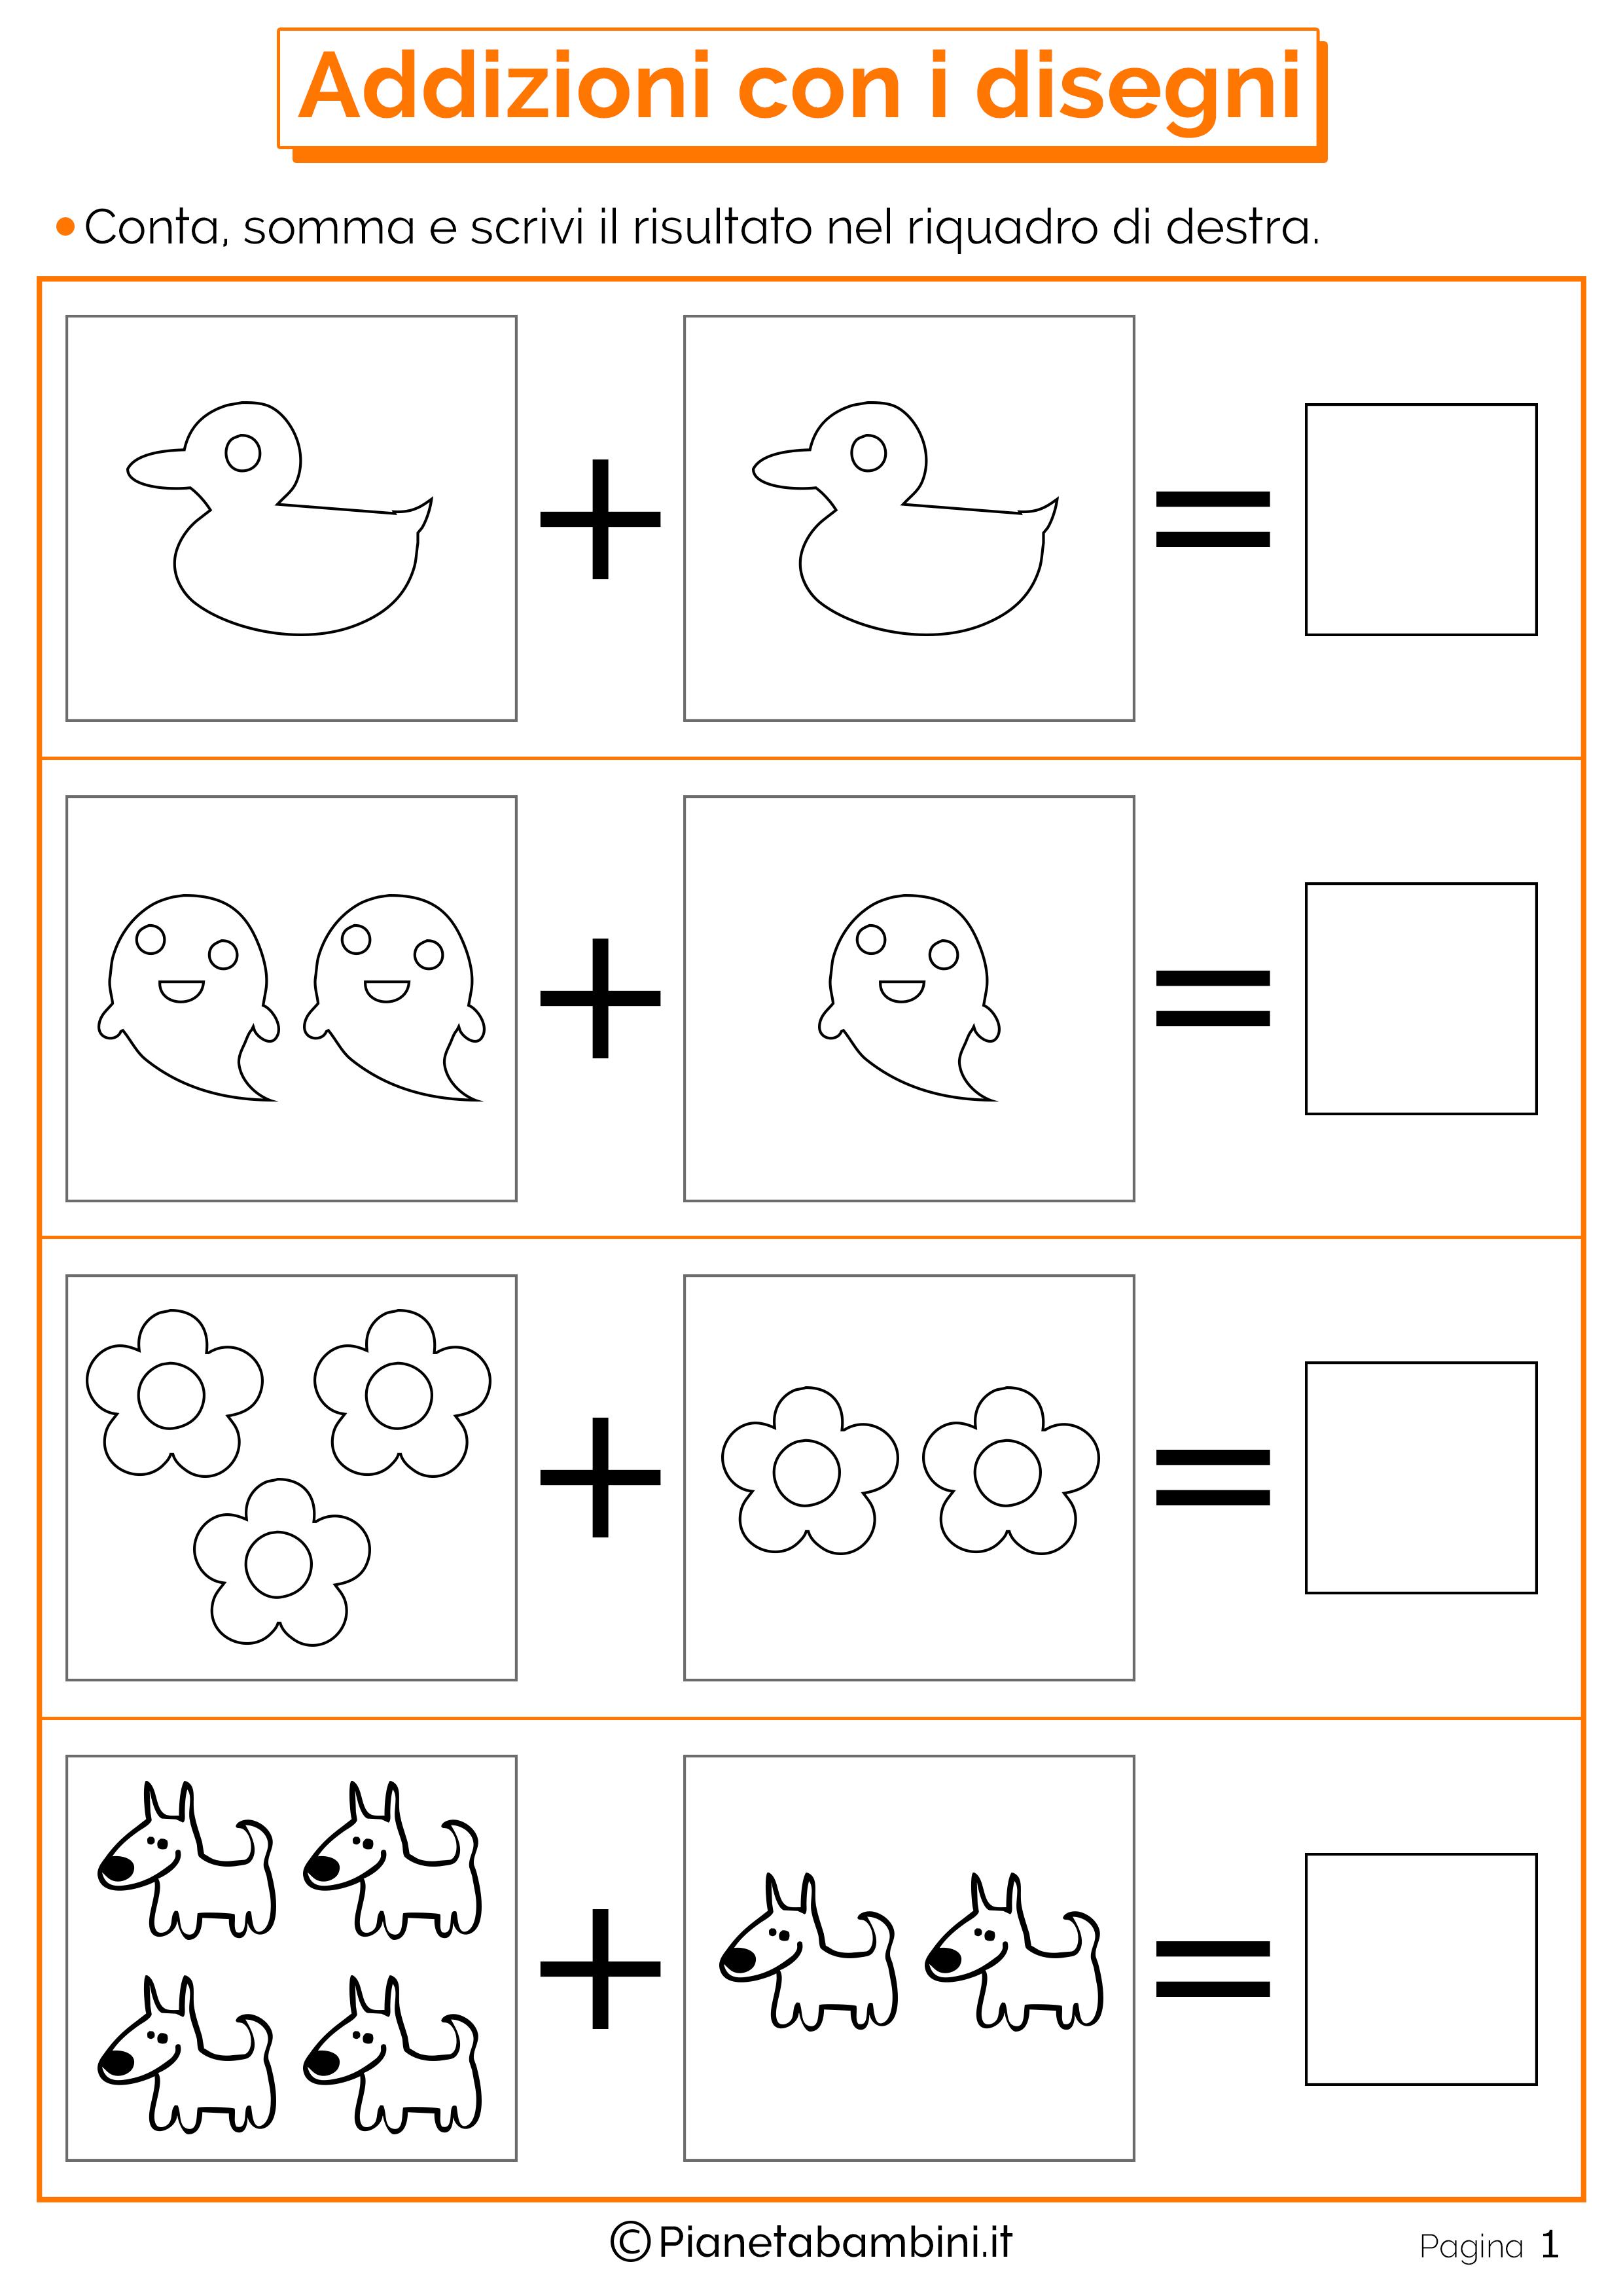 giochi da stampare per bambini 5 anni